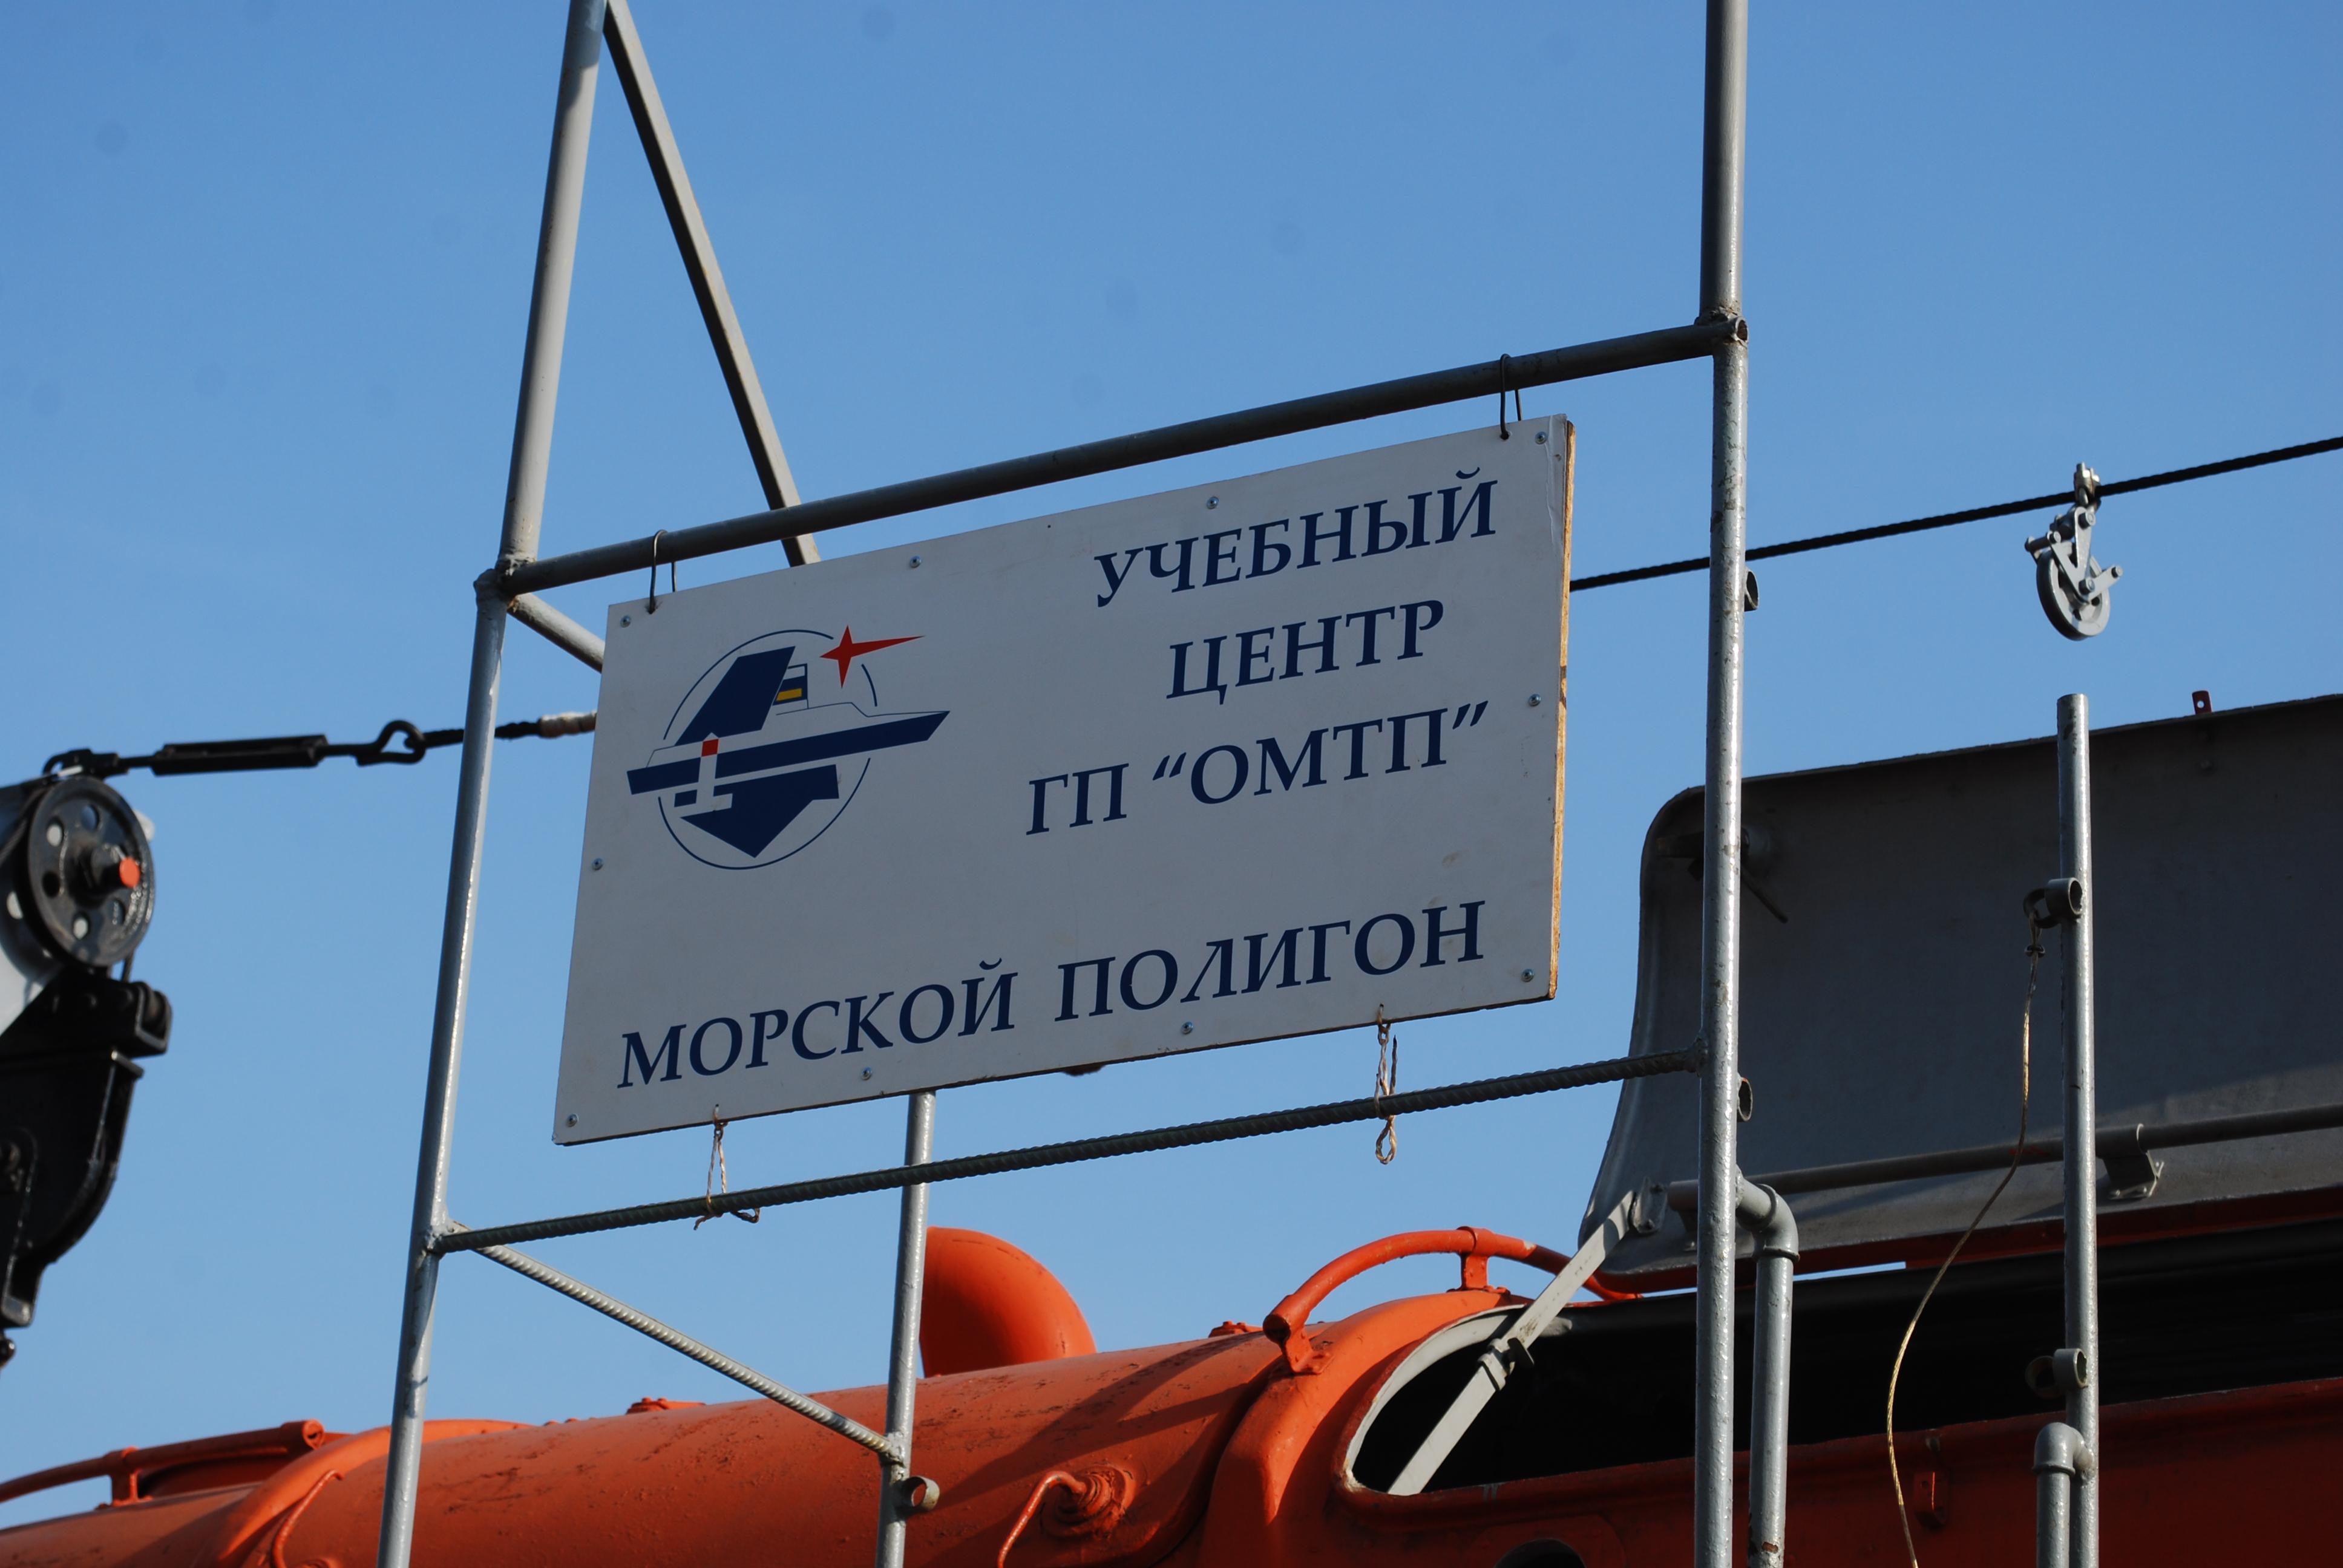 Навчальний центр ДП «Одеський порт» 500 тис. грн. прибутку за перше півріччя